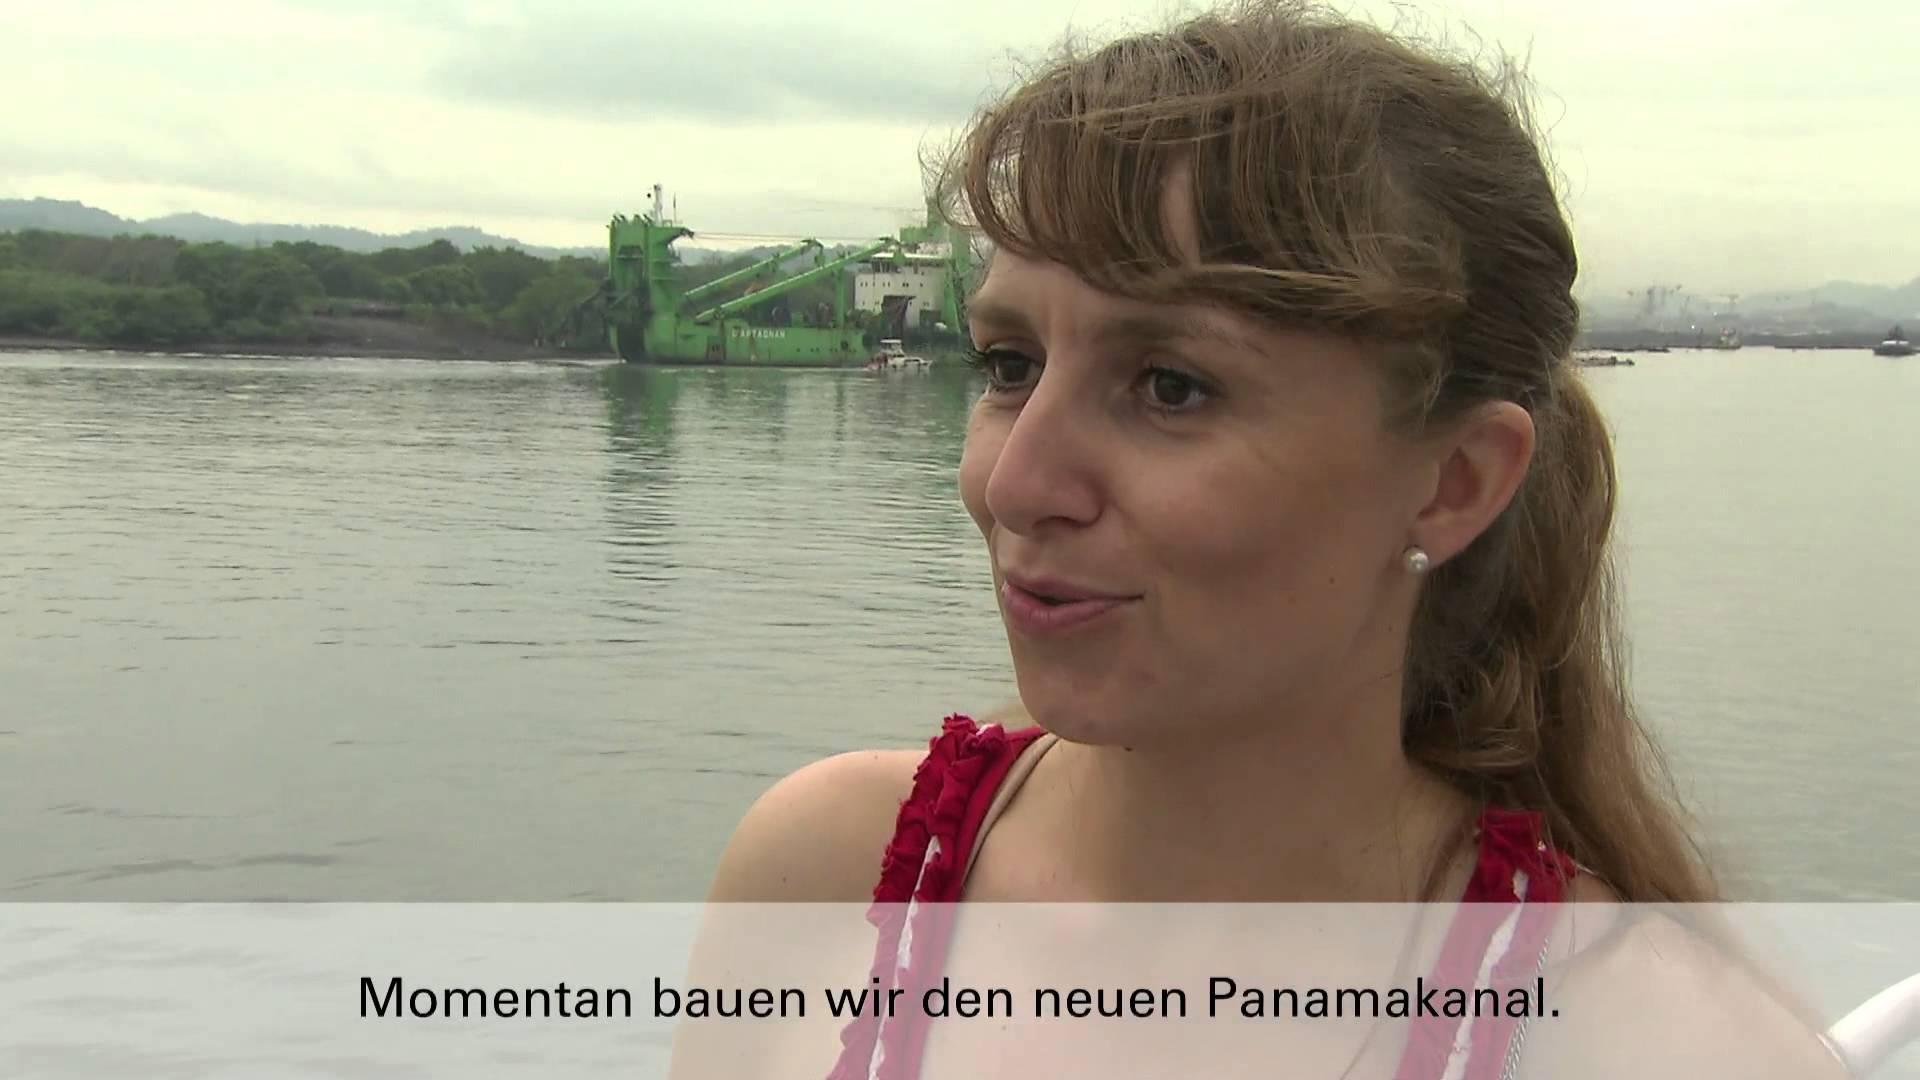 6 Millionen Kubikmeter Beton: Die neuen Schleusen des Panamakanals